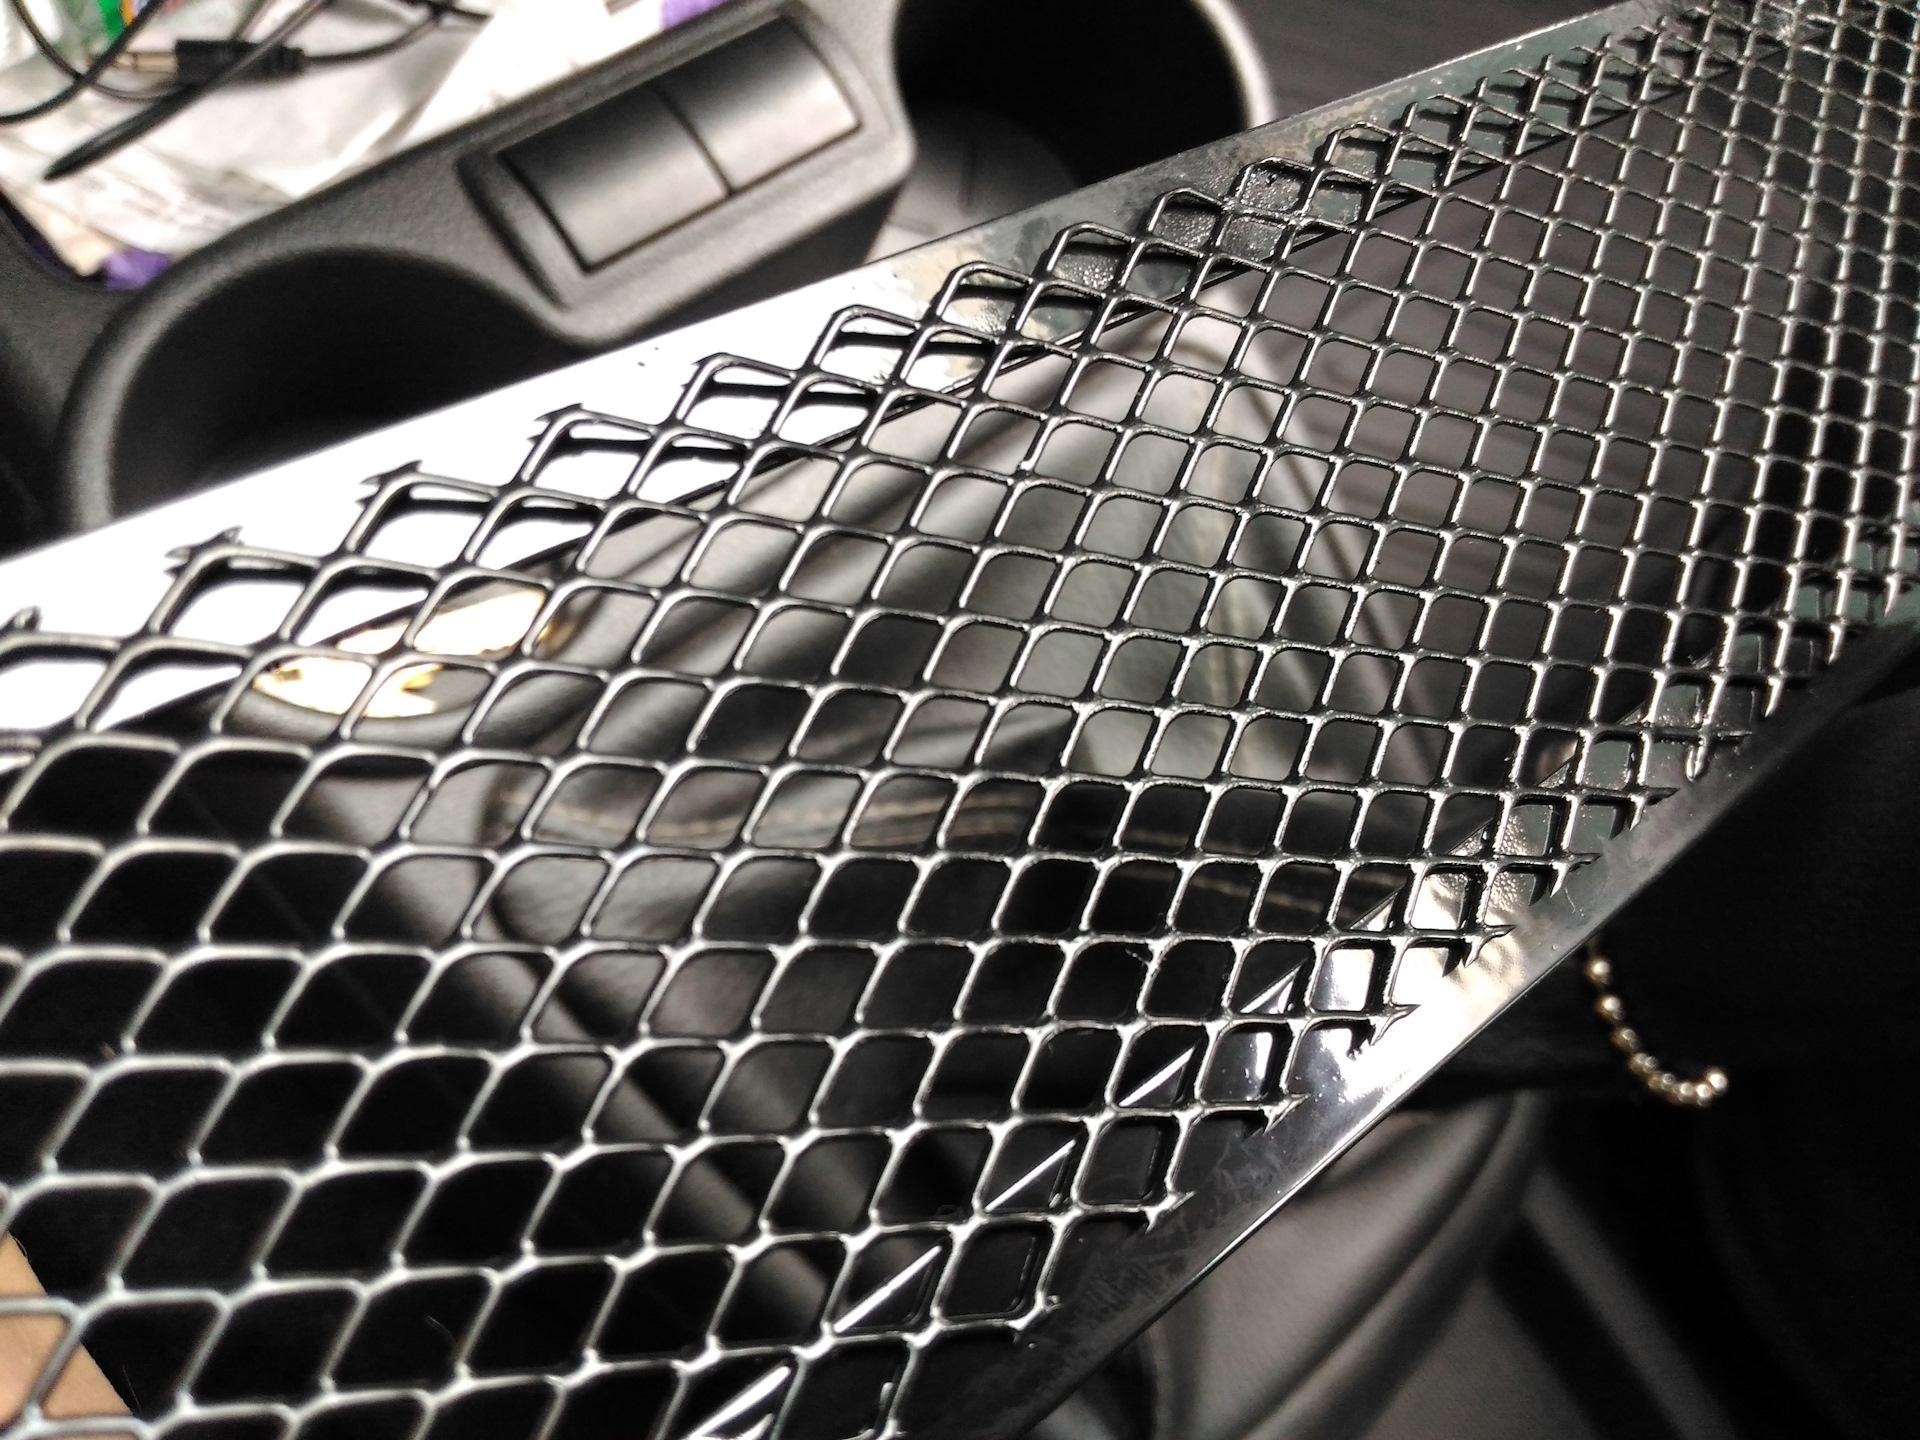 сетка на решетку радиатора картинки получения максимального